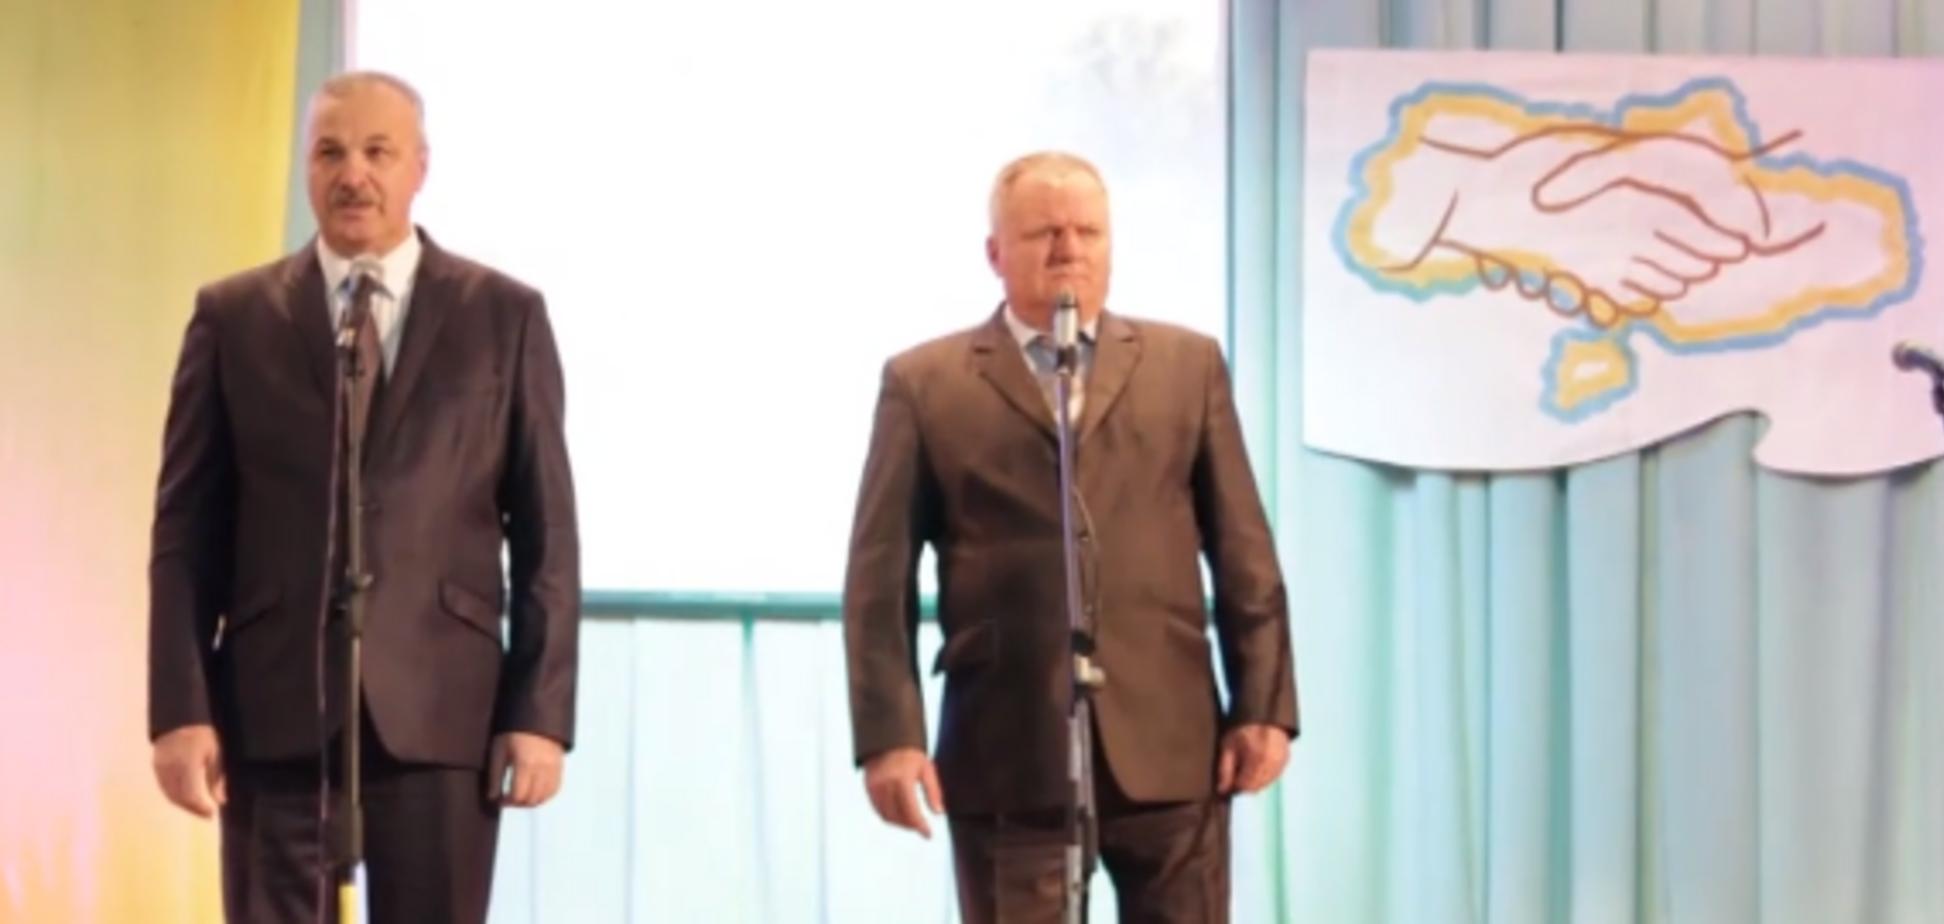 Сепаратистский скандал с Крымом на Буковине: делом занялась СБУ